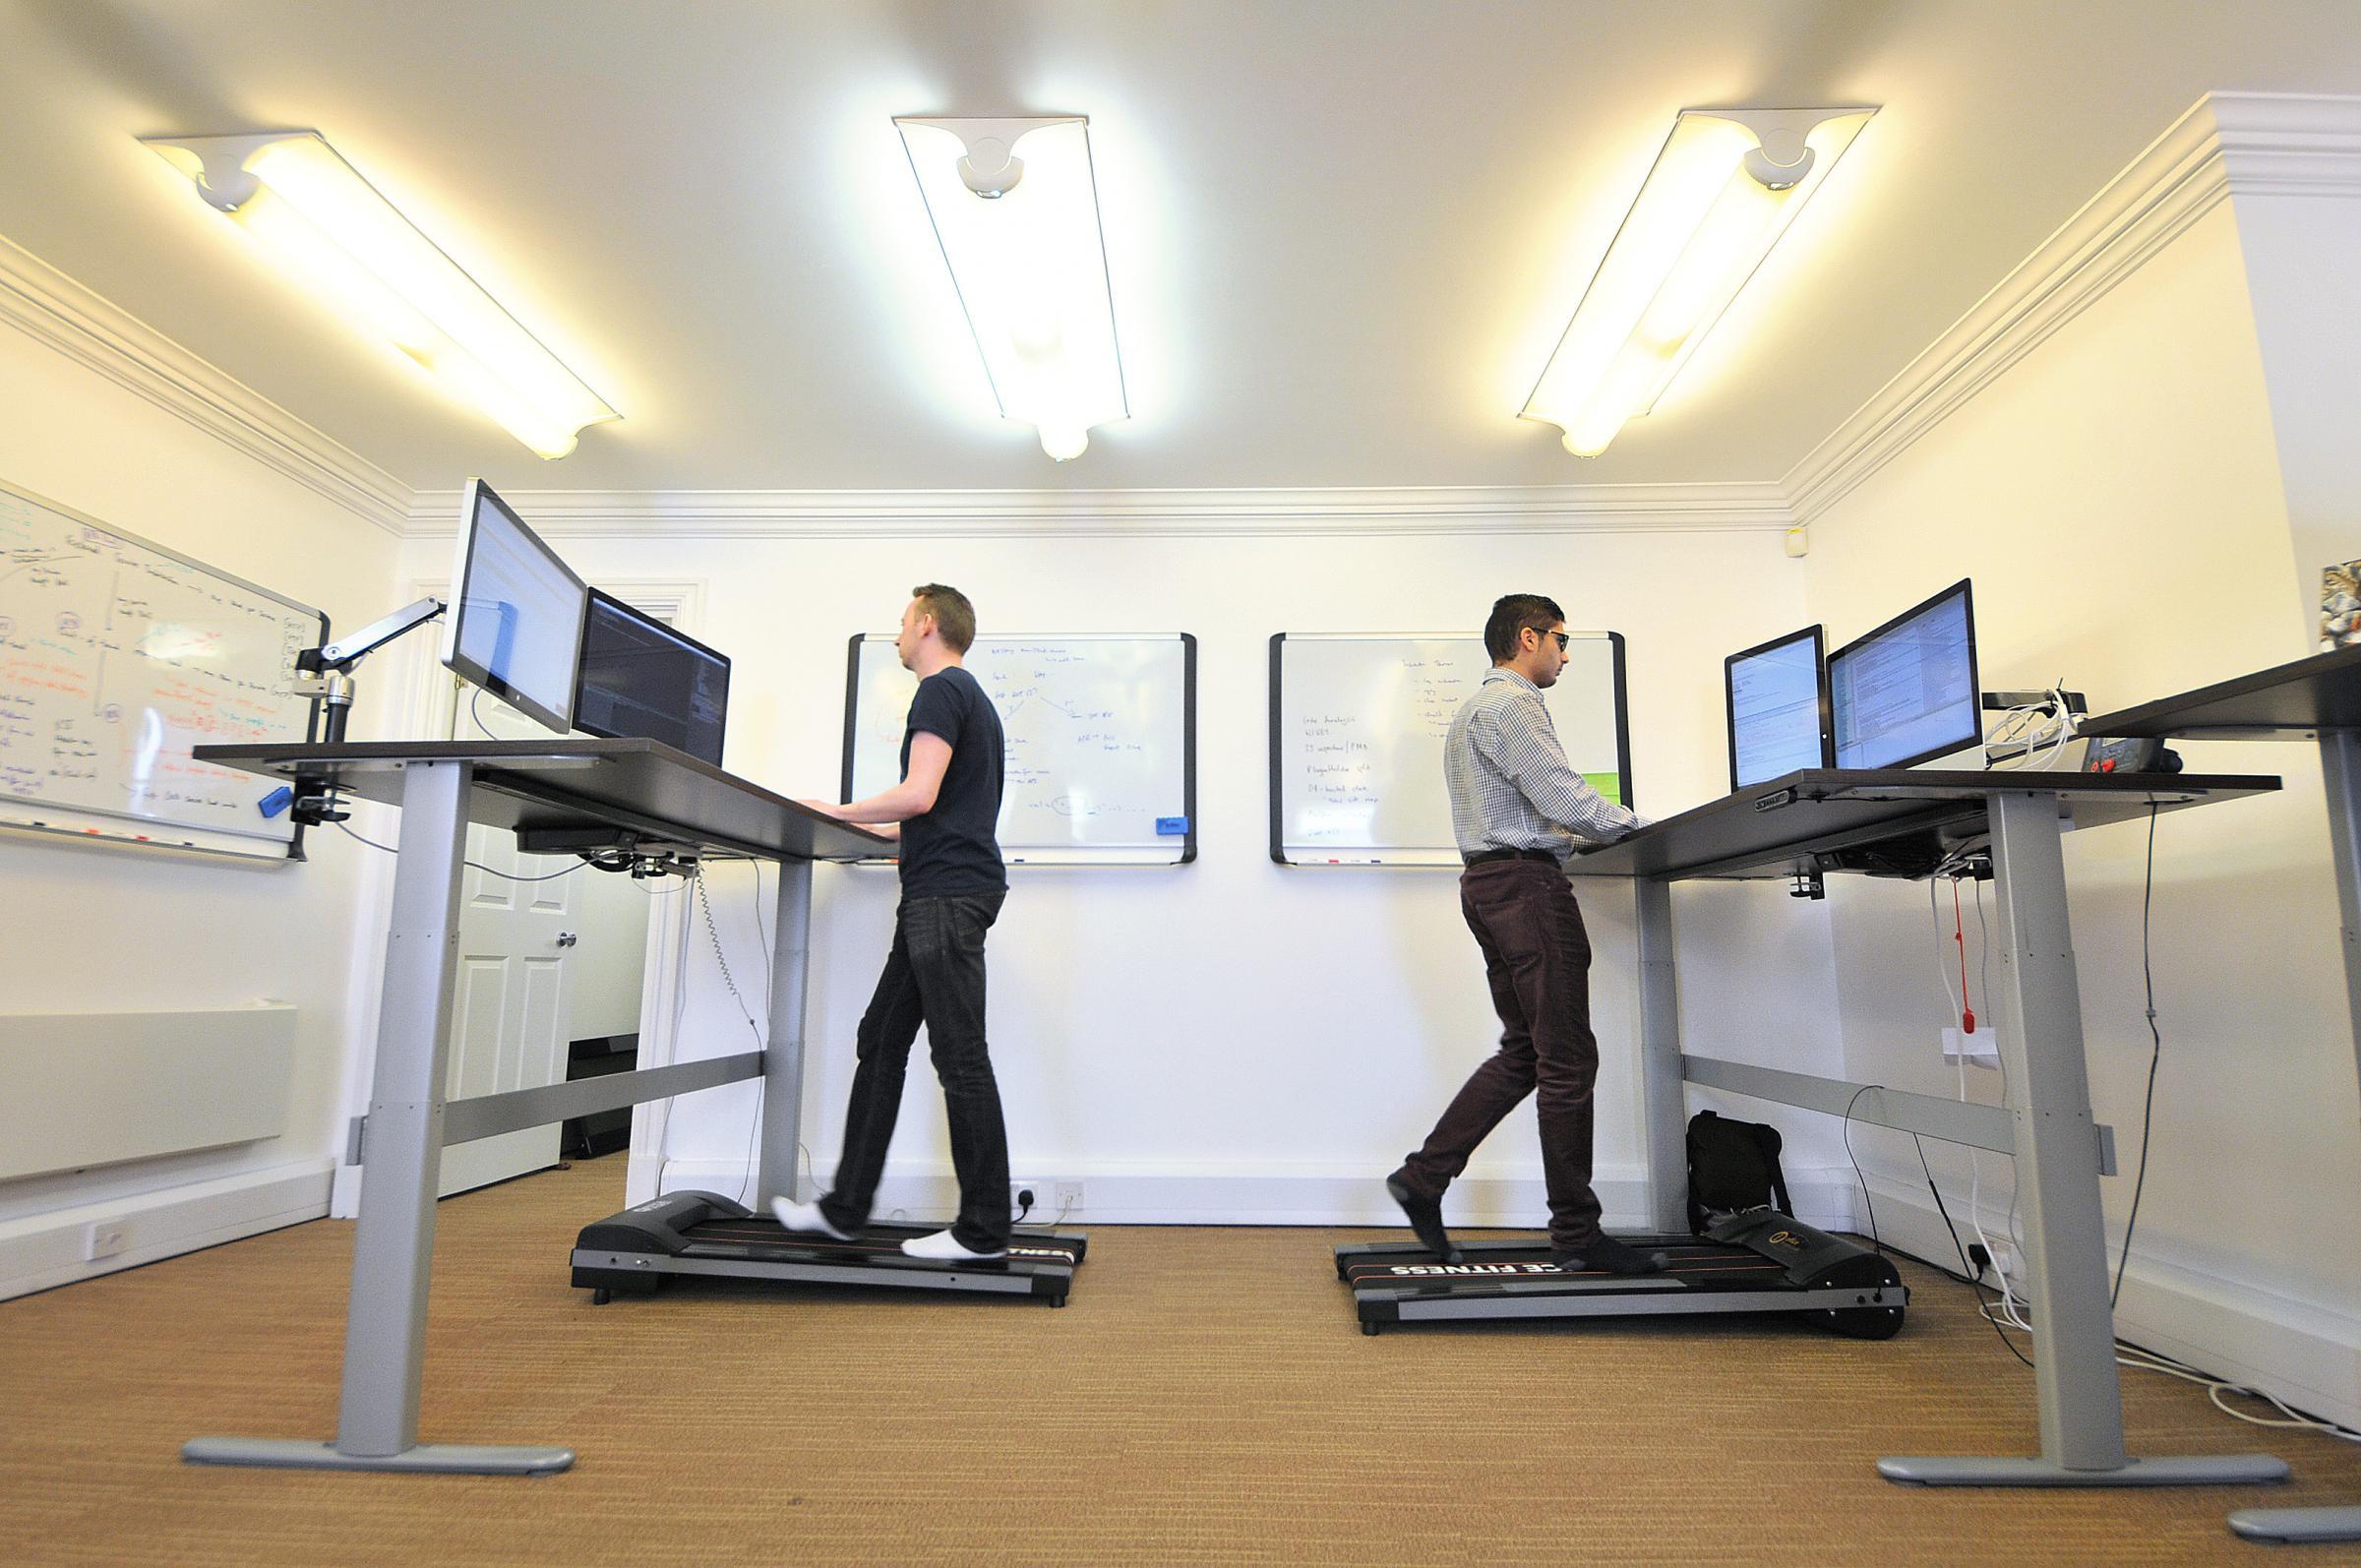 Knutsford Entrepreneur Reveals Innovative Office Treadmills